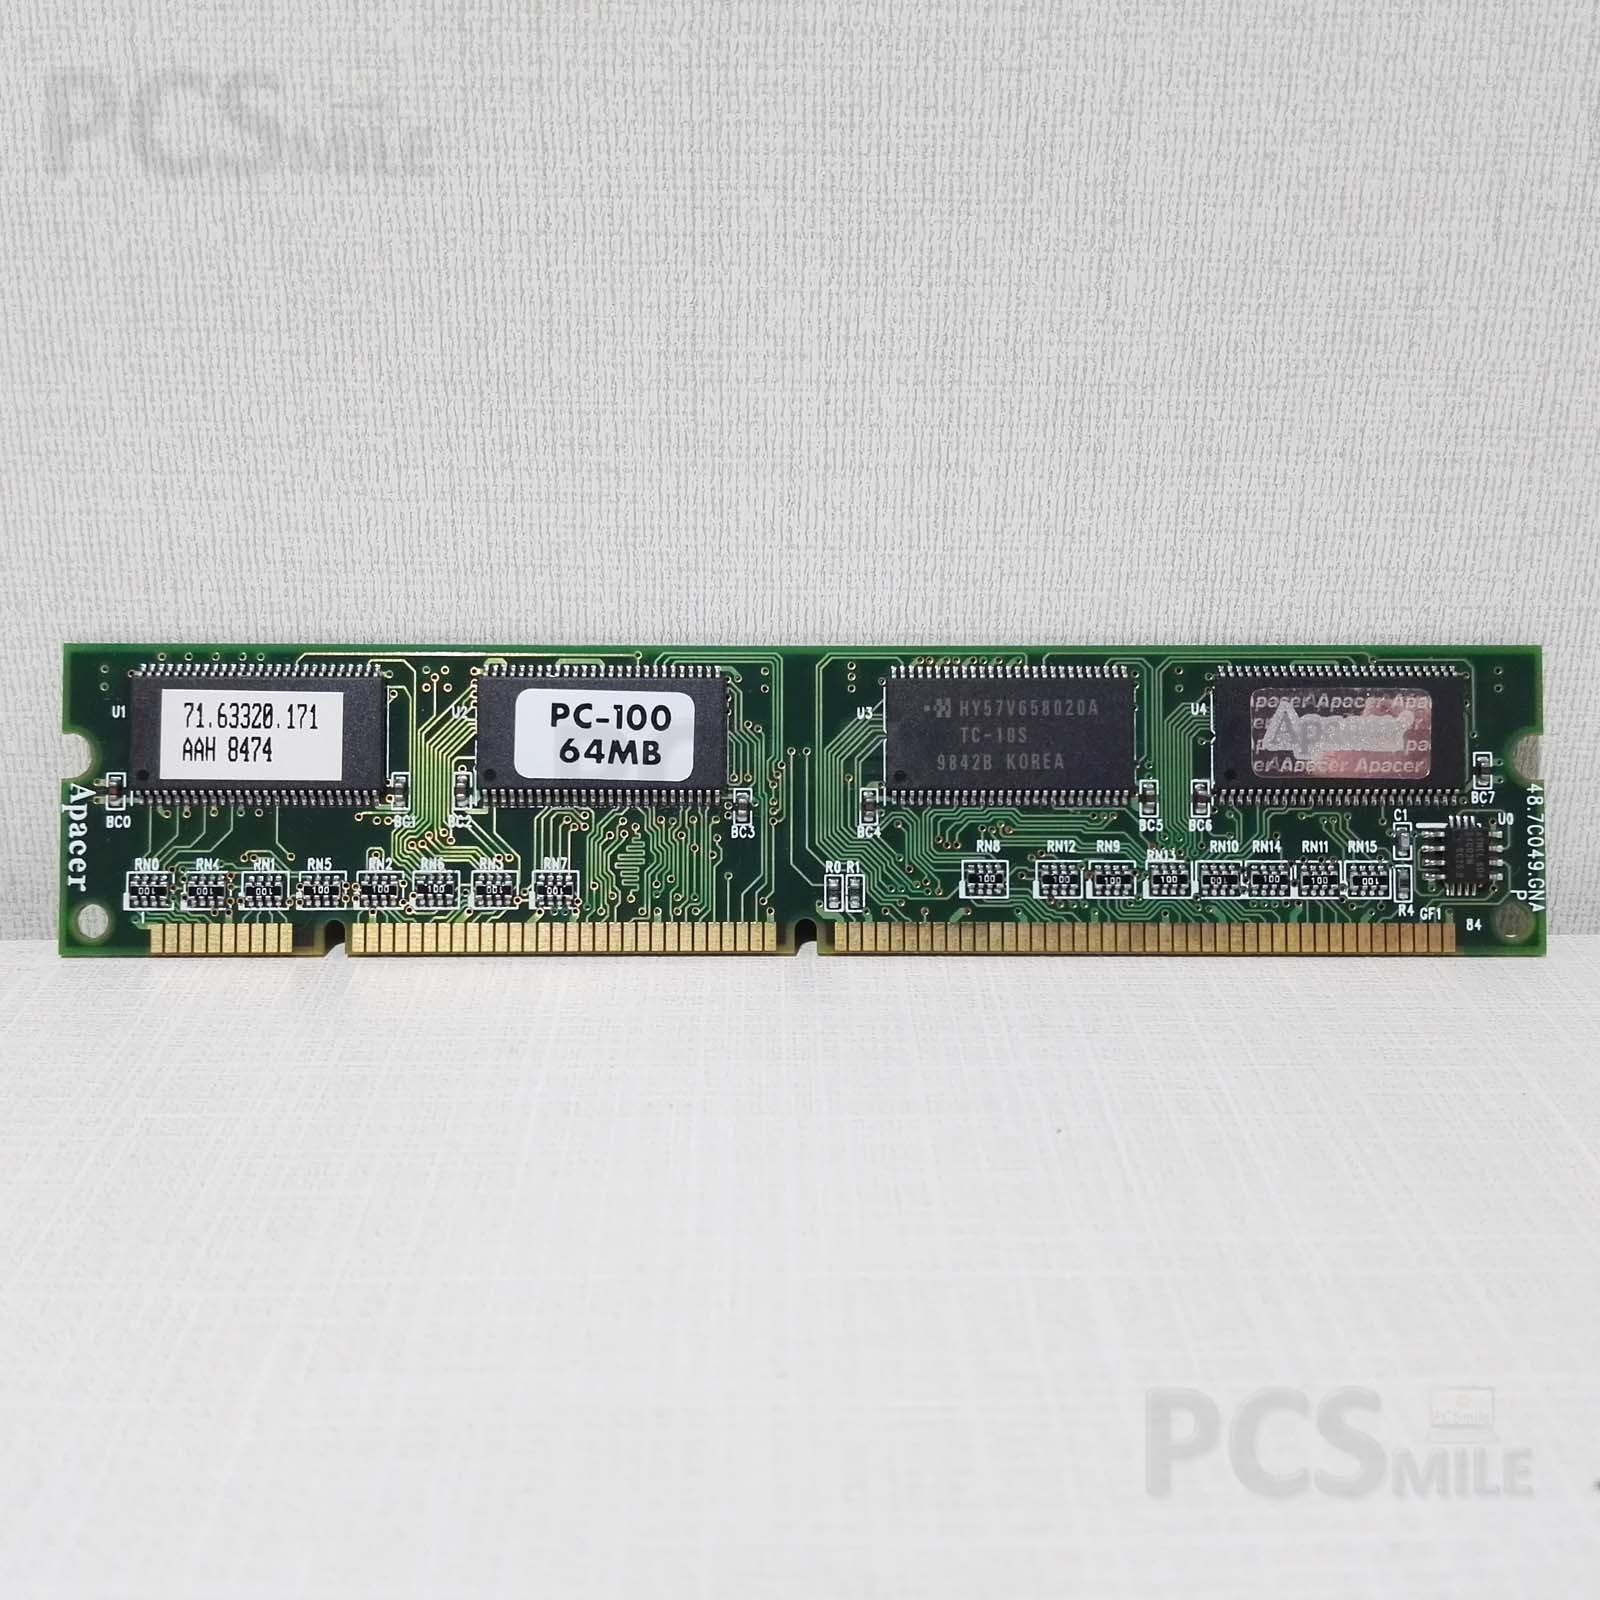 RAM 71.63320.171 AAH 8474 PC100 64MB APACER DDR